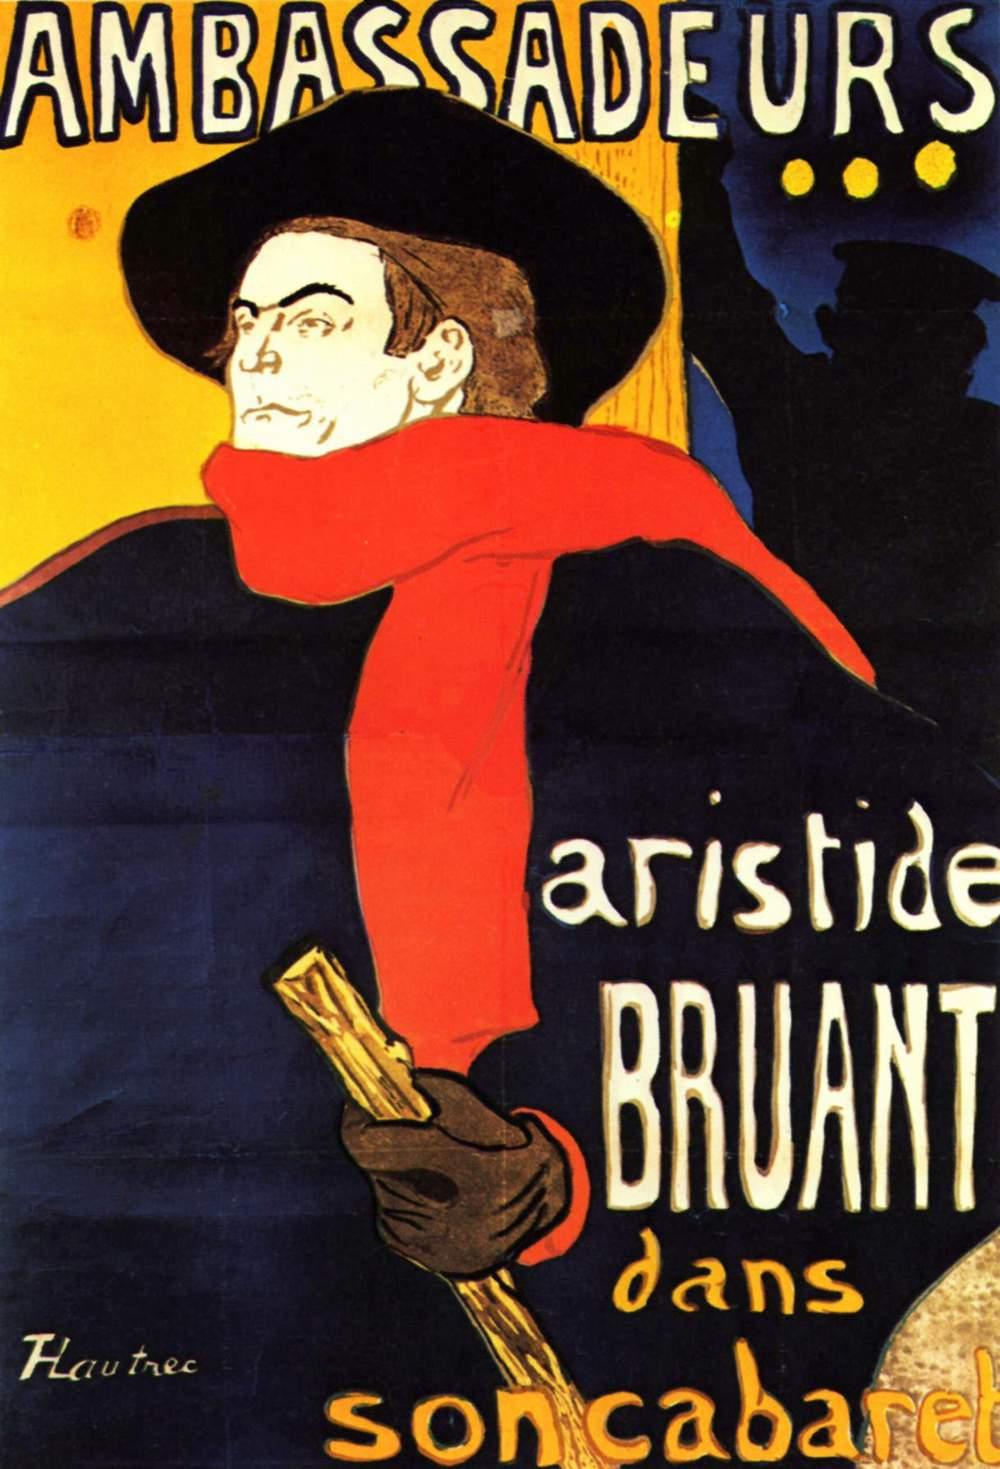 Ambassadeurs Aristide Bruant in his cabaret